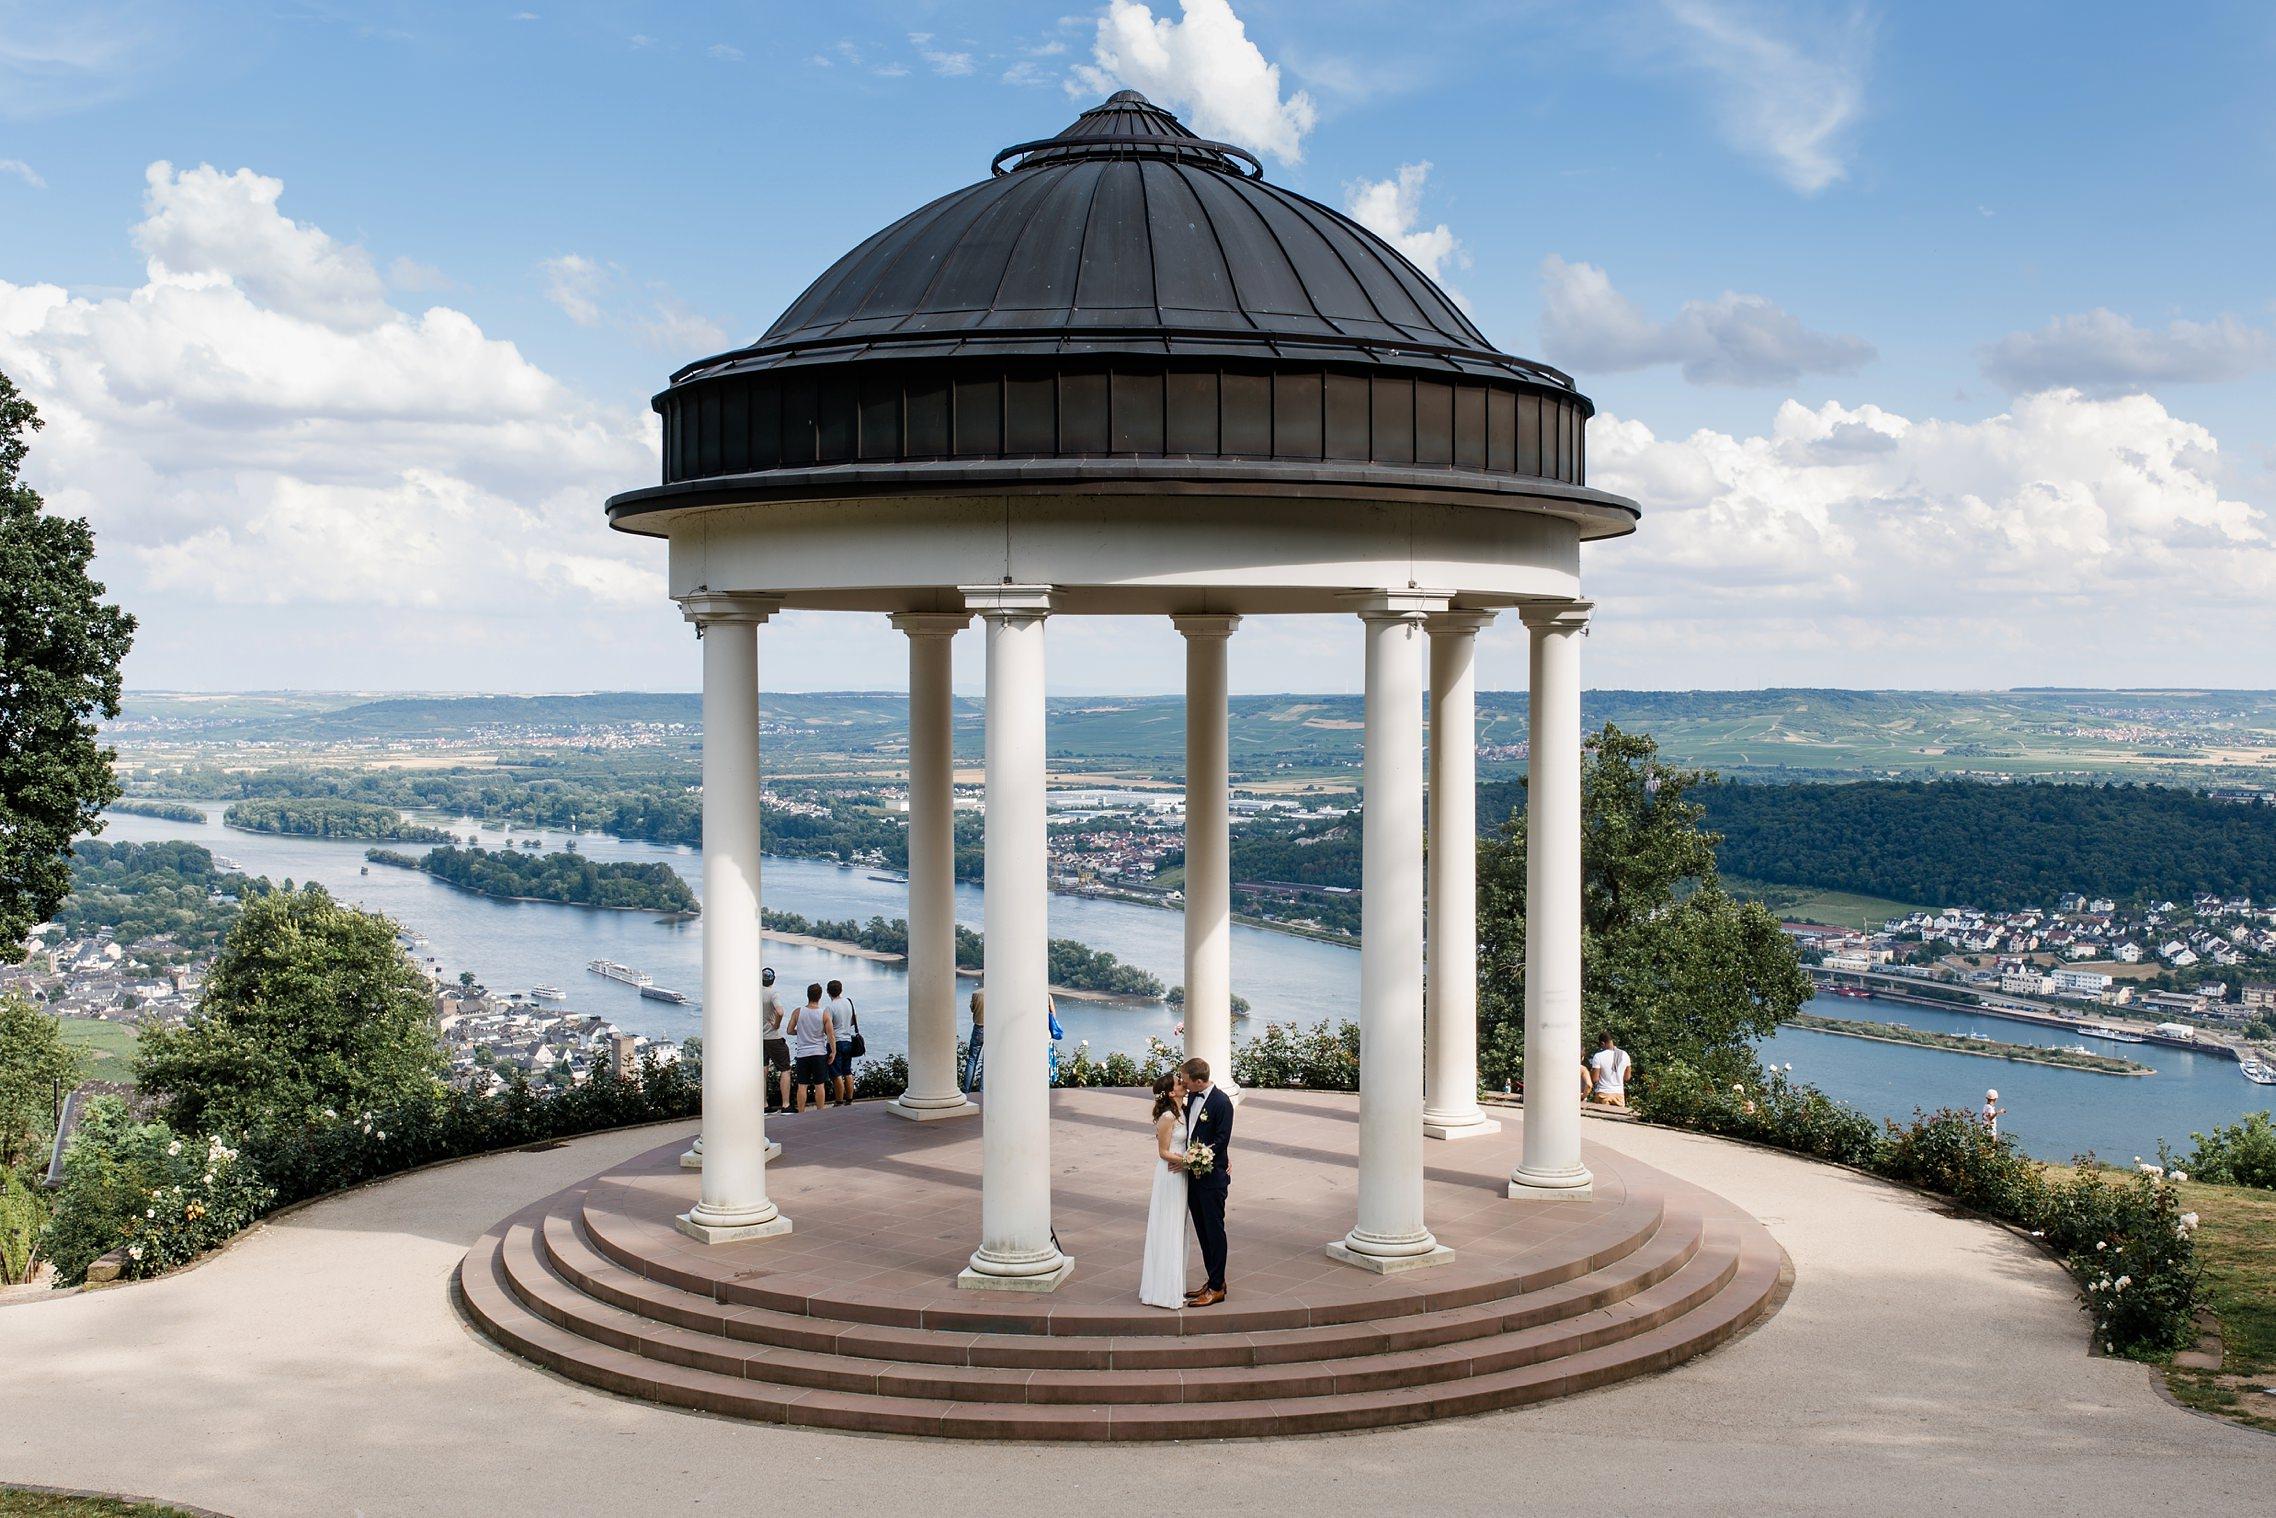 Blick über die Rheinebene mit einem Hochzeitspaar, welches im steinernen Pavillion neben der Seilbahn von Rüdesheim steht.